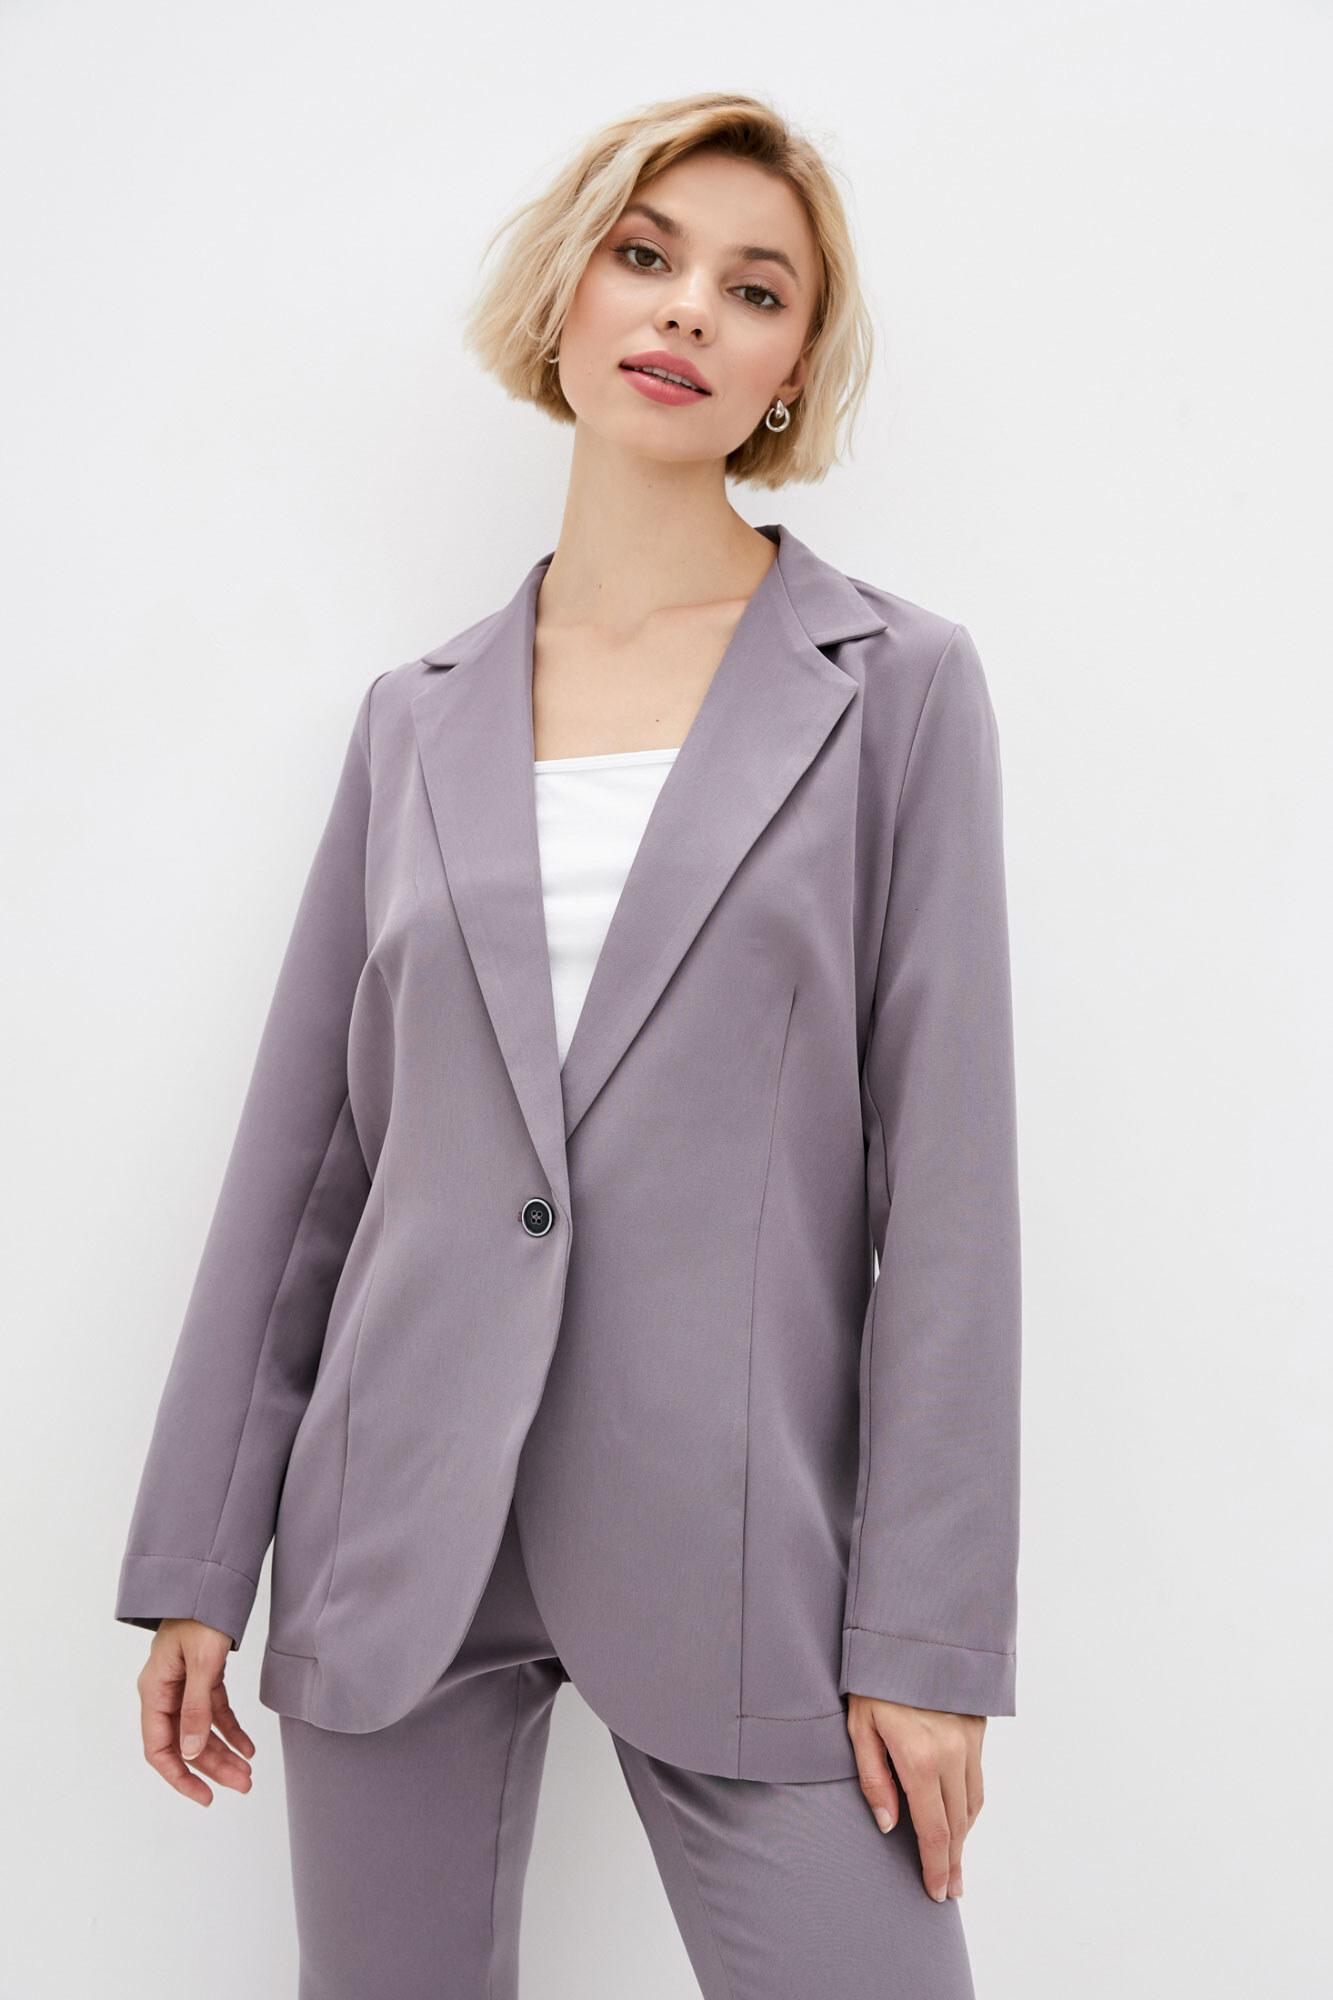 Оверсайз пиджак сиреневого цвета в кэжуал стиле